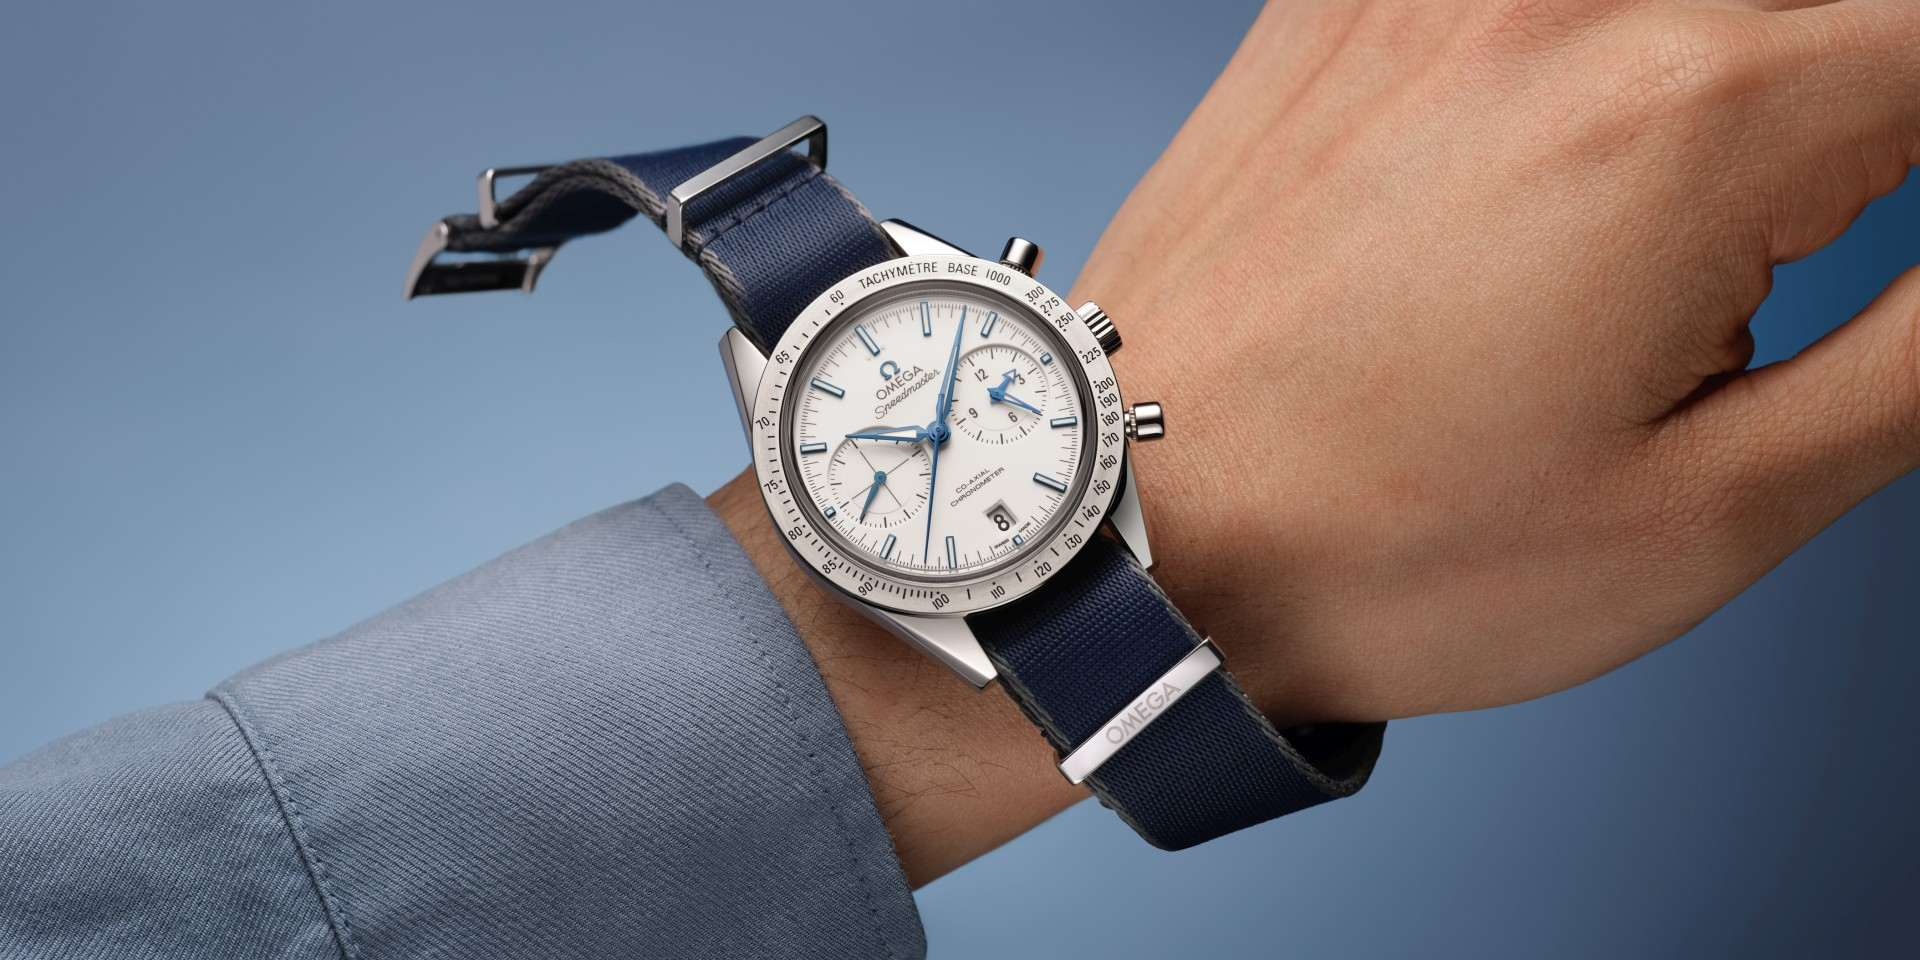 選配「NATO」錶帶,讓您的歐米茄腕錶更多彩